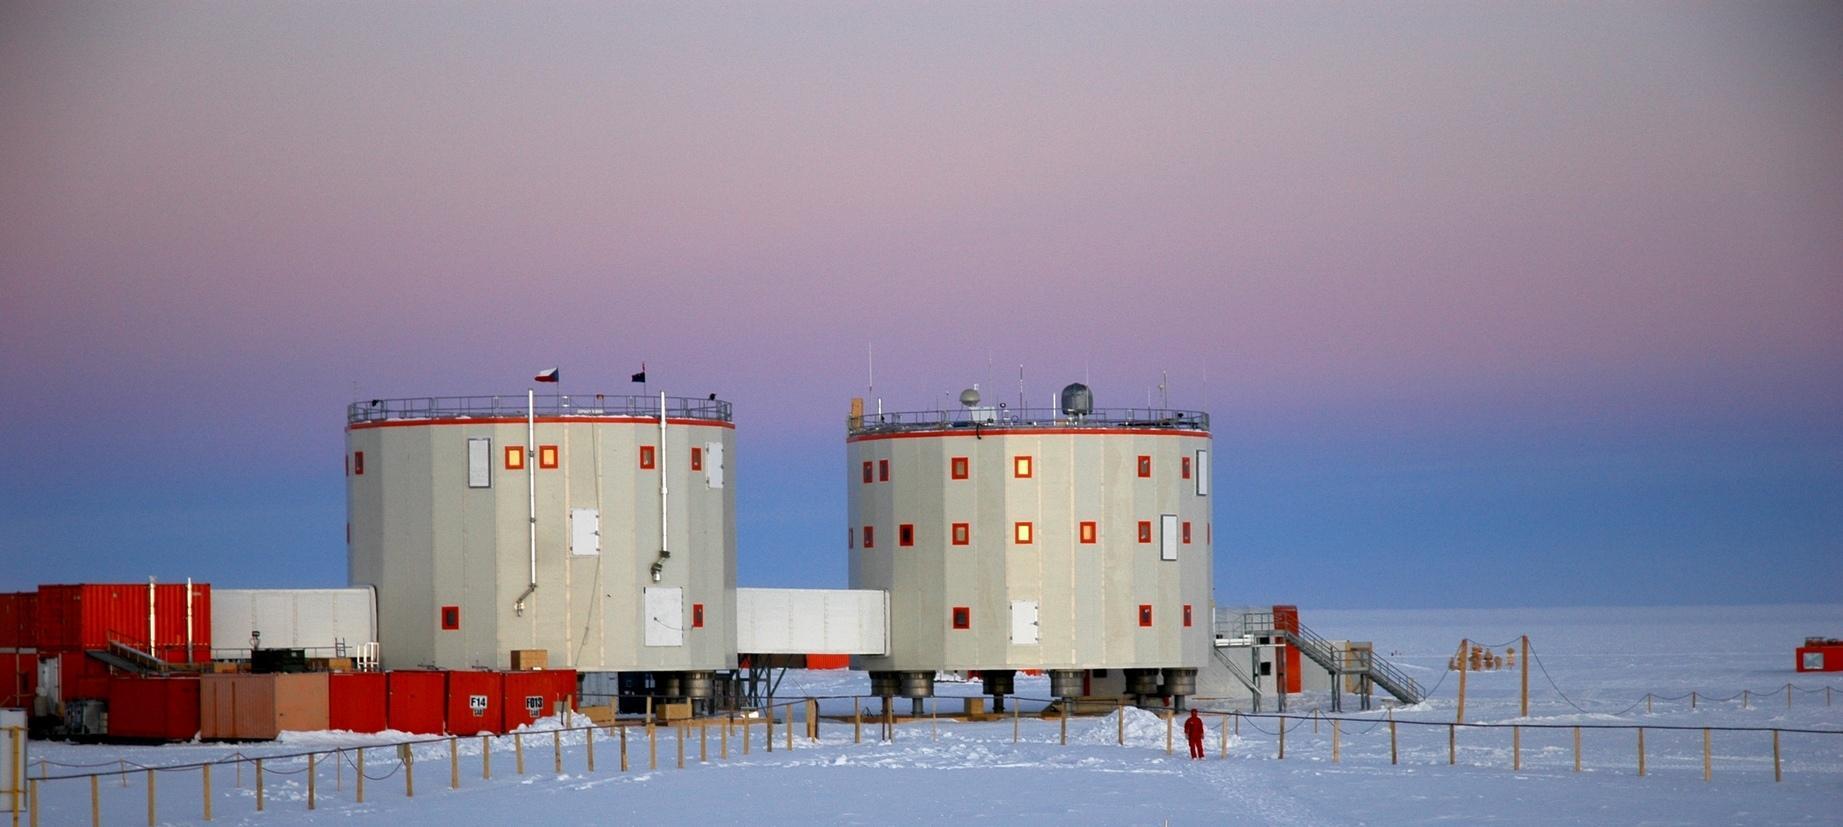 Почему в Антарктиде могут впадать в состояние «психологической гибернации»?